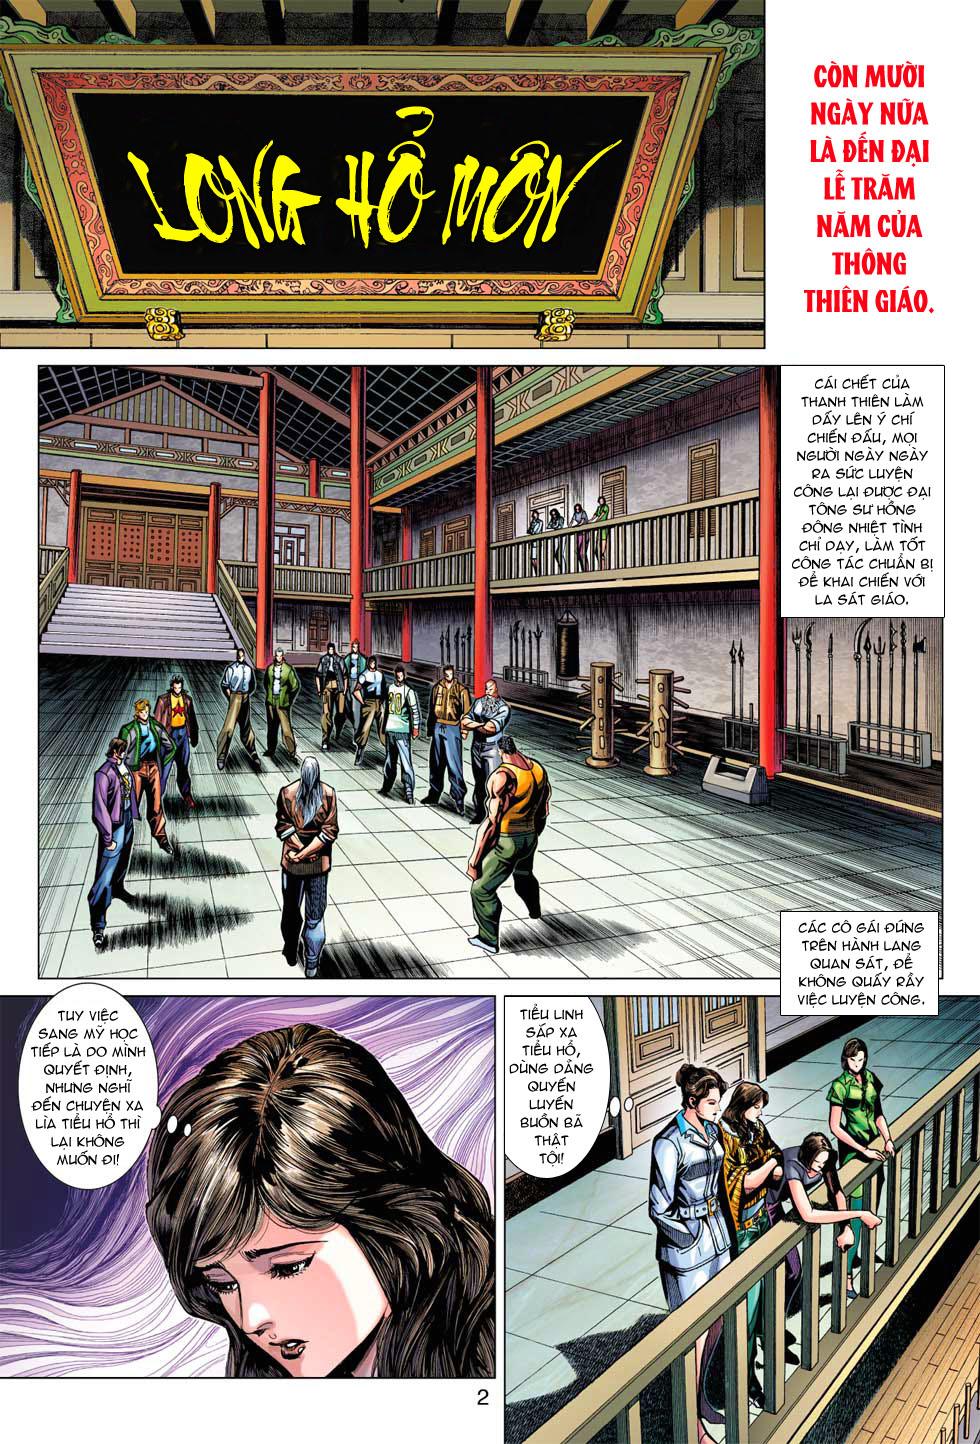 Tân Tác Long Hổ Môn chap 369 - Trang 2